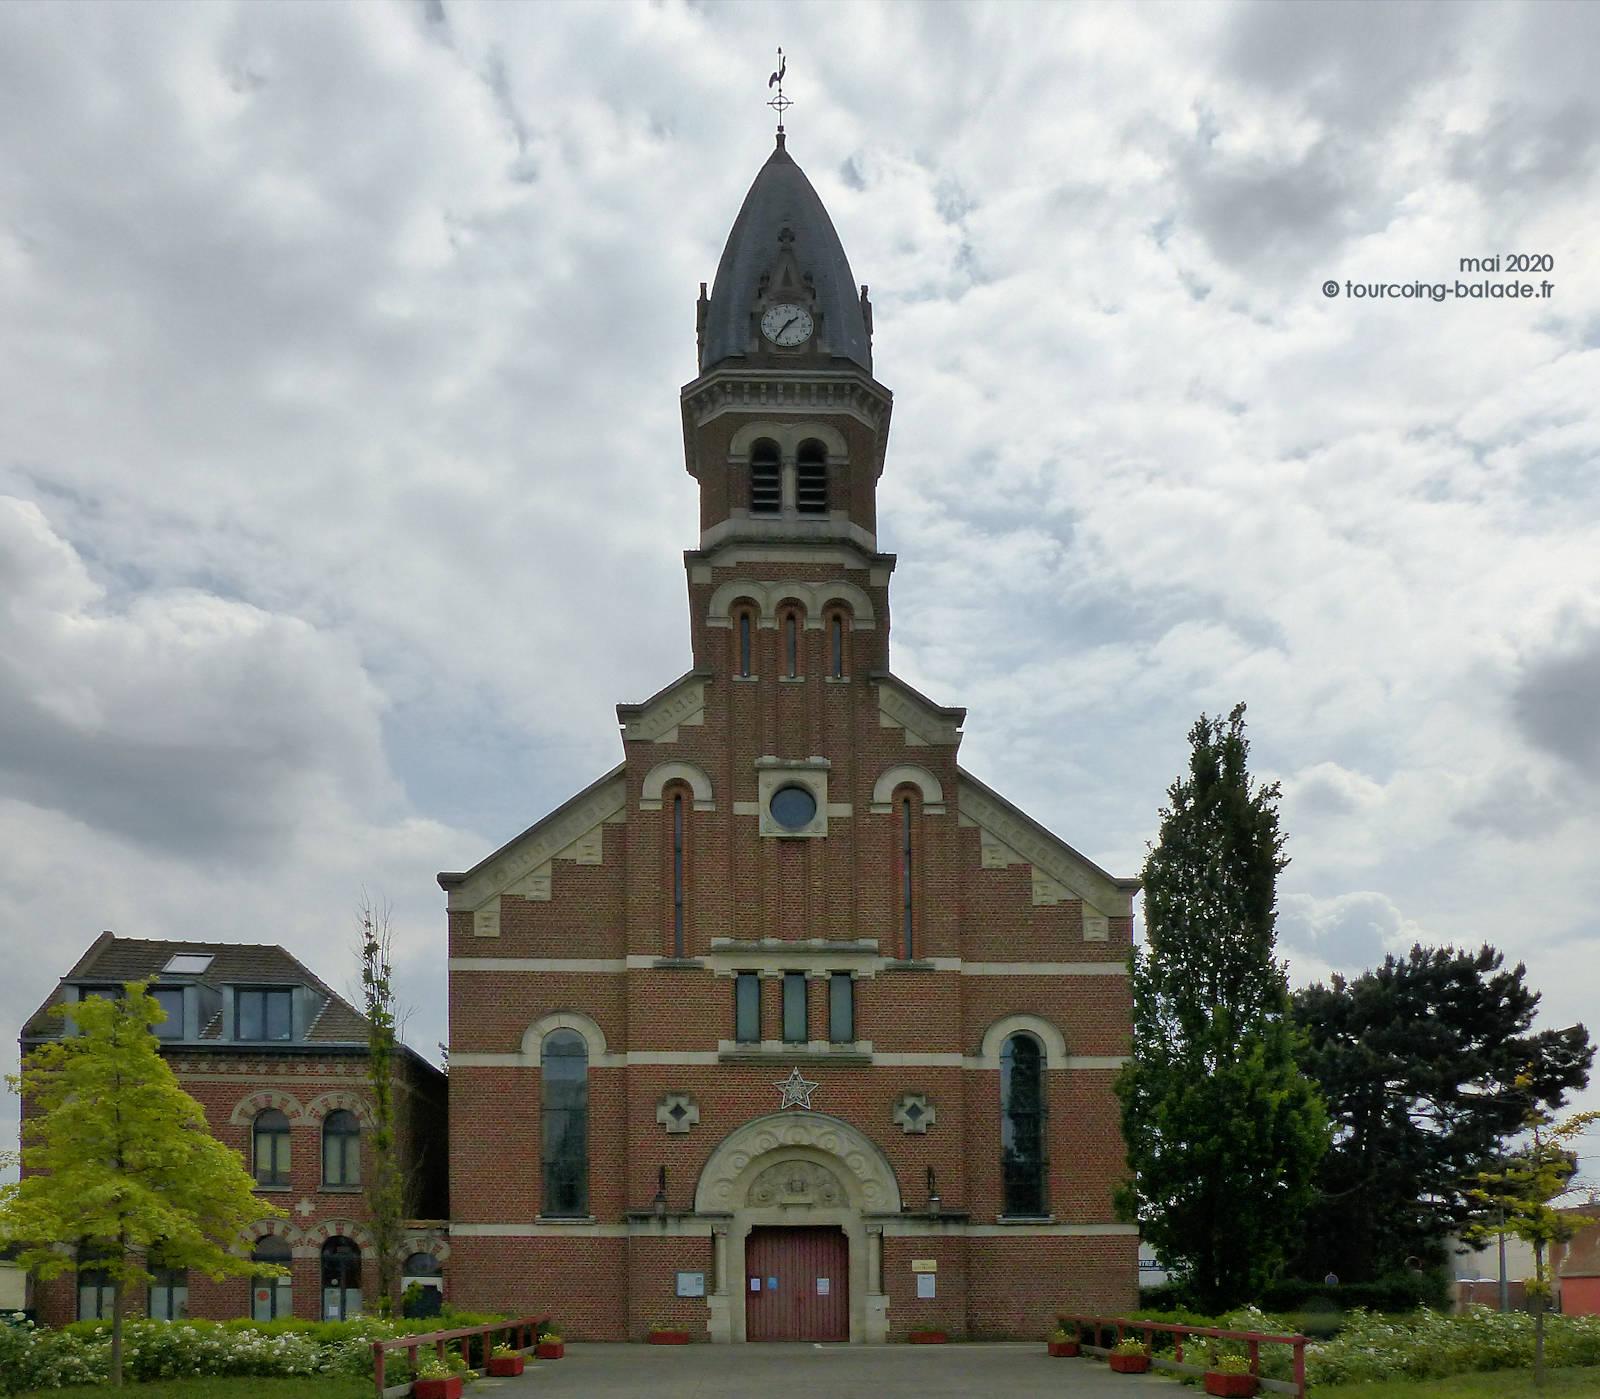 Façade de l'église Saint-François, Mouvaux 2020